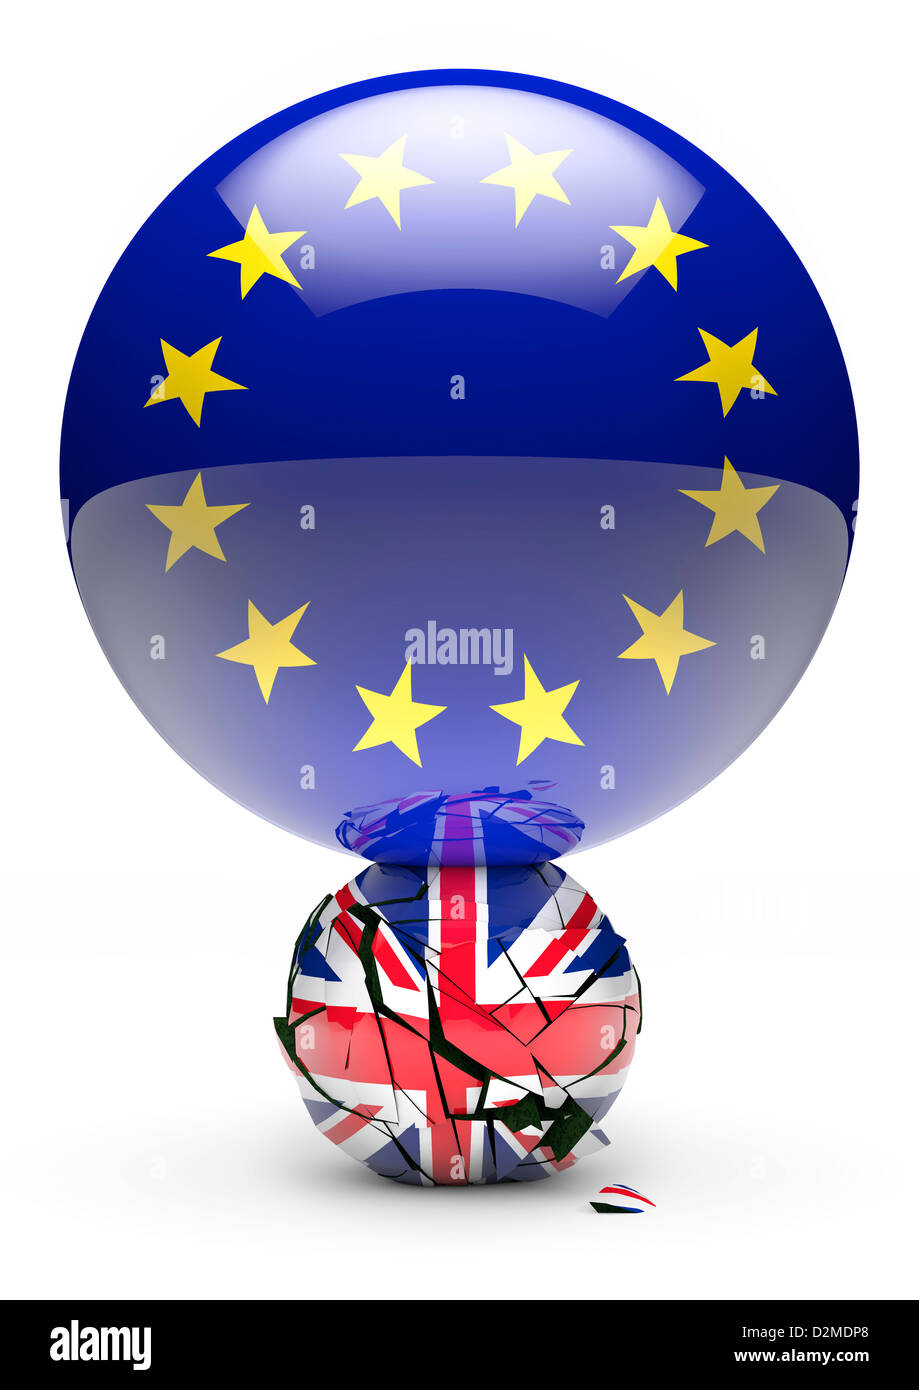 Grande bandiera europea sfera minore di frantumazione Unione Britannica bandiera sfera - UE rompere / alimentazione Immagini Stock